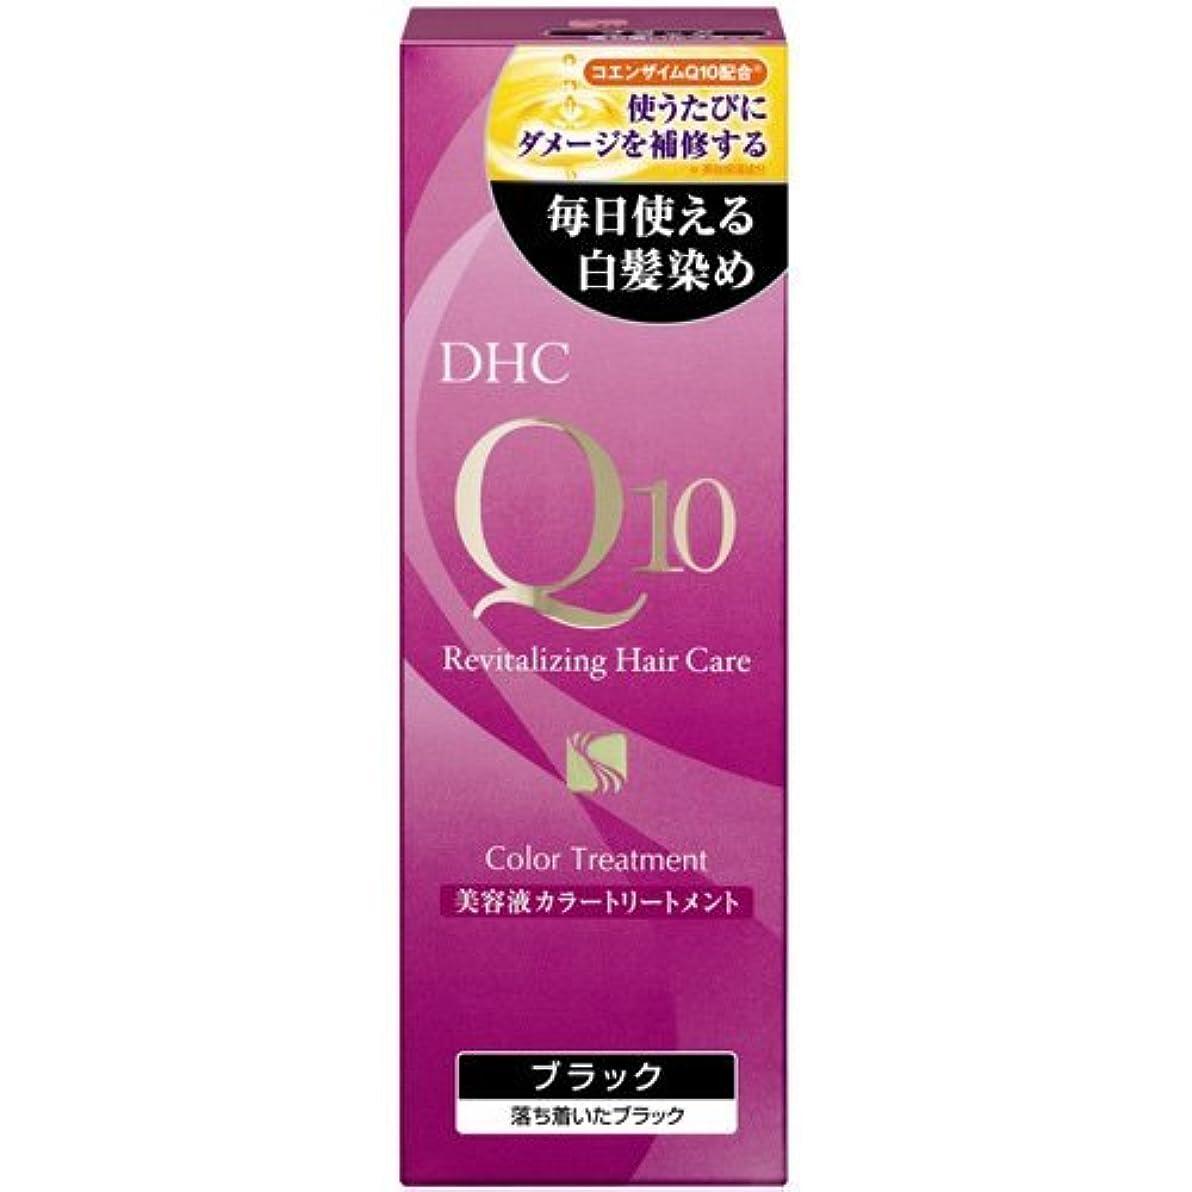 殺人者万一に備えてマーチャンダイジング【まとめ買い】DHC Q10美溶液カラートリートメントブラックSS170g ×9個